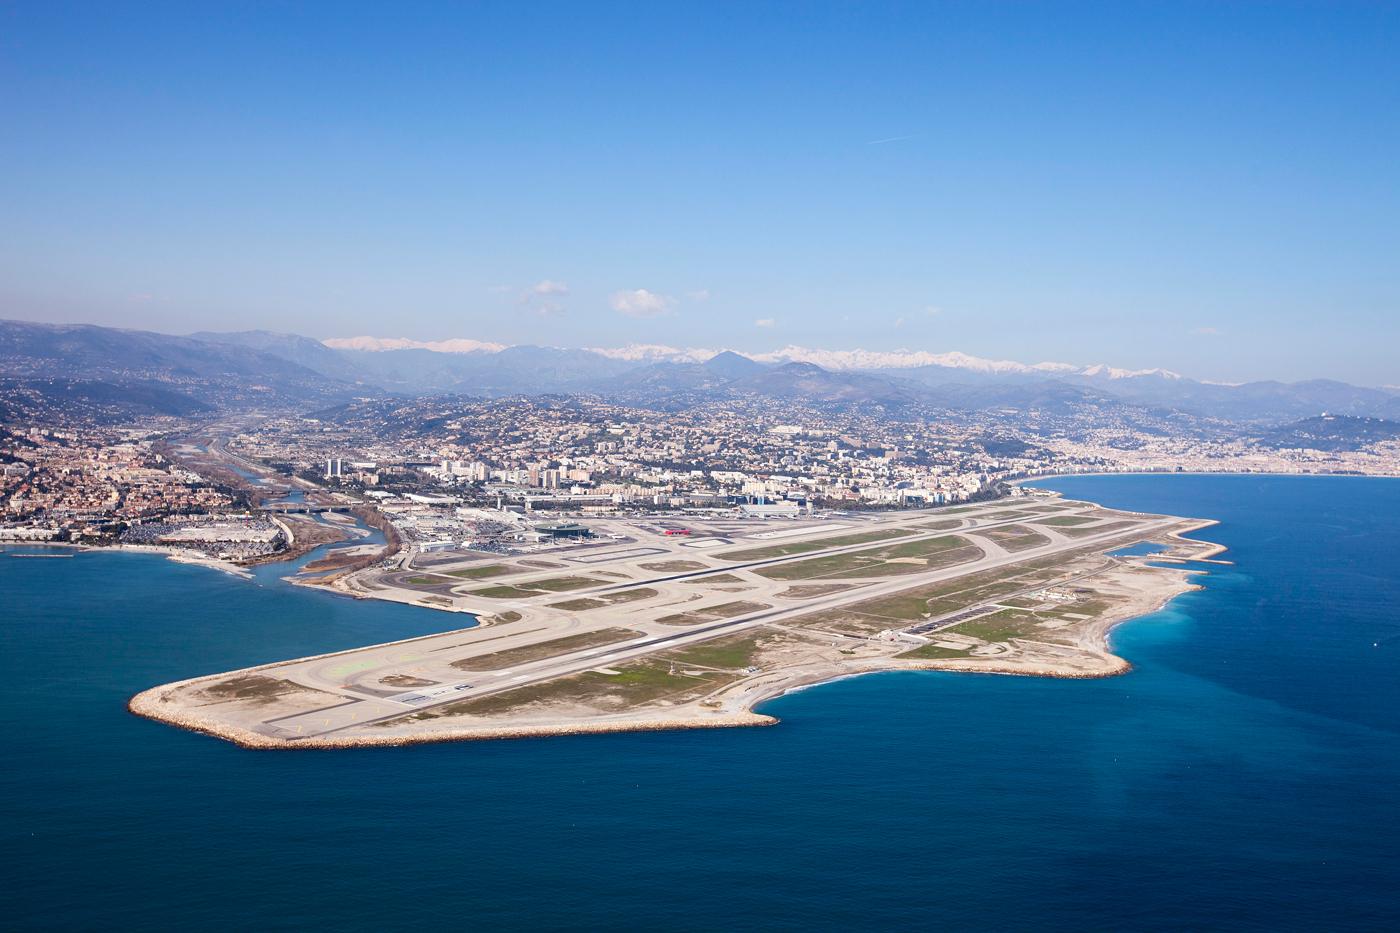 3. Aéroport de Nice Côte d'Azur, France